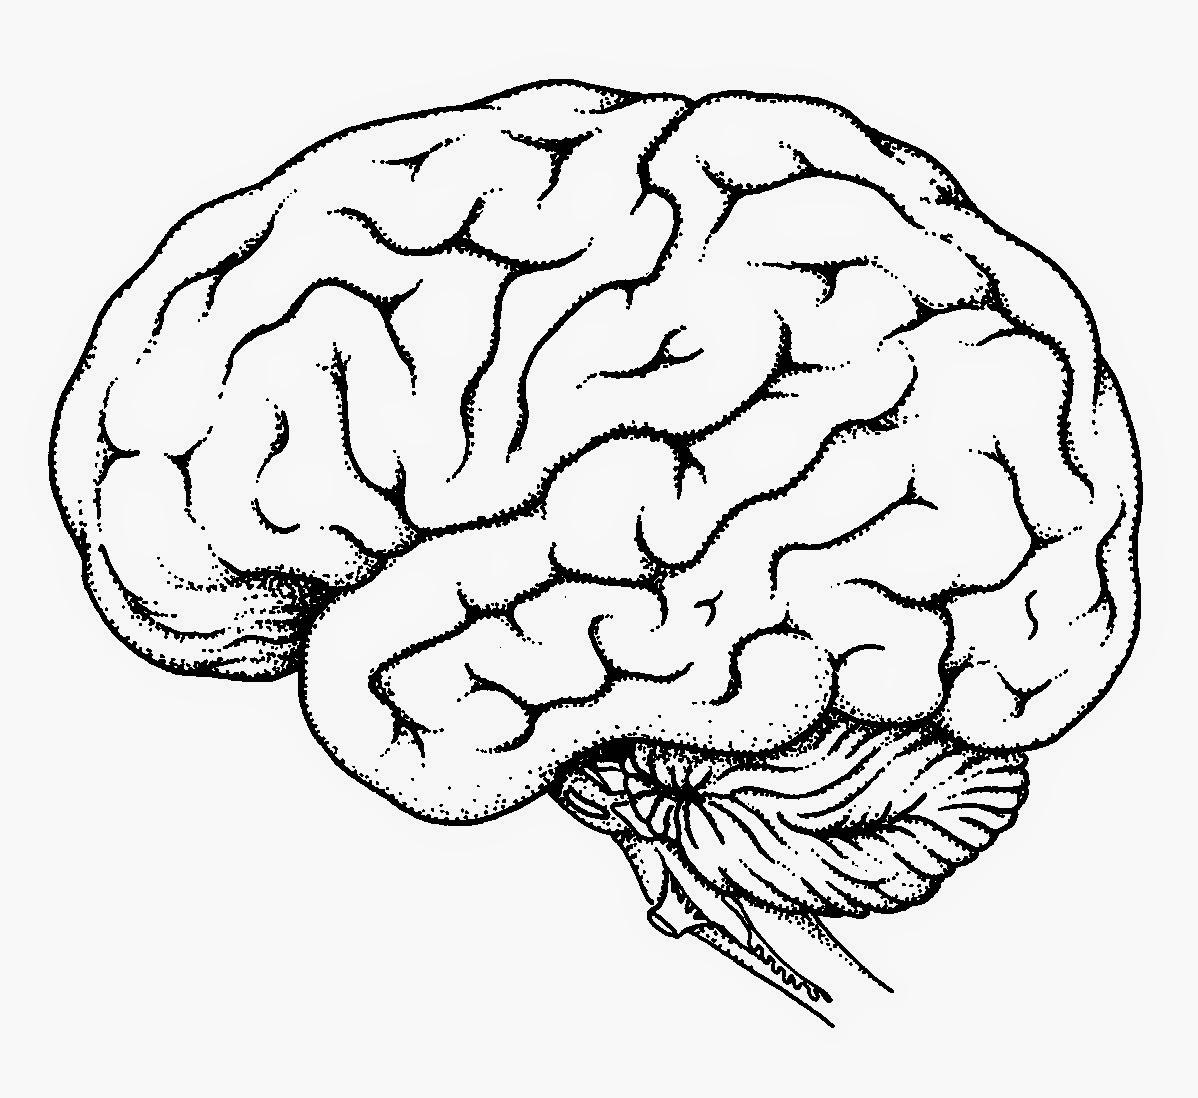 Brain Sketch Diagram At Paintingvalley